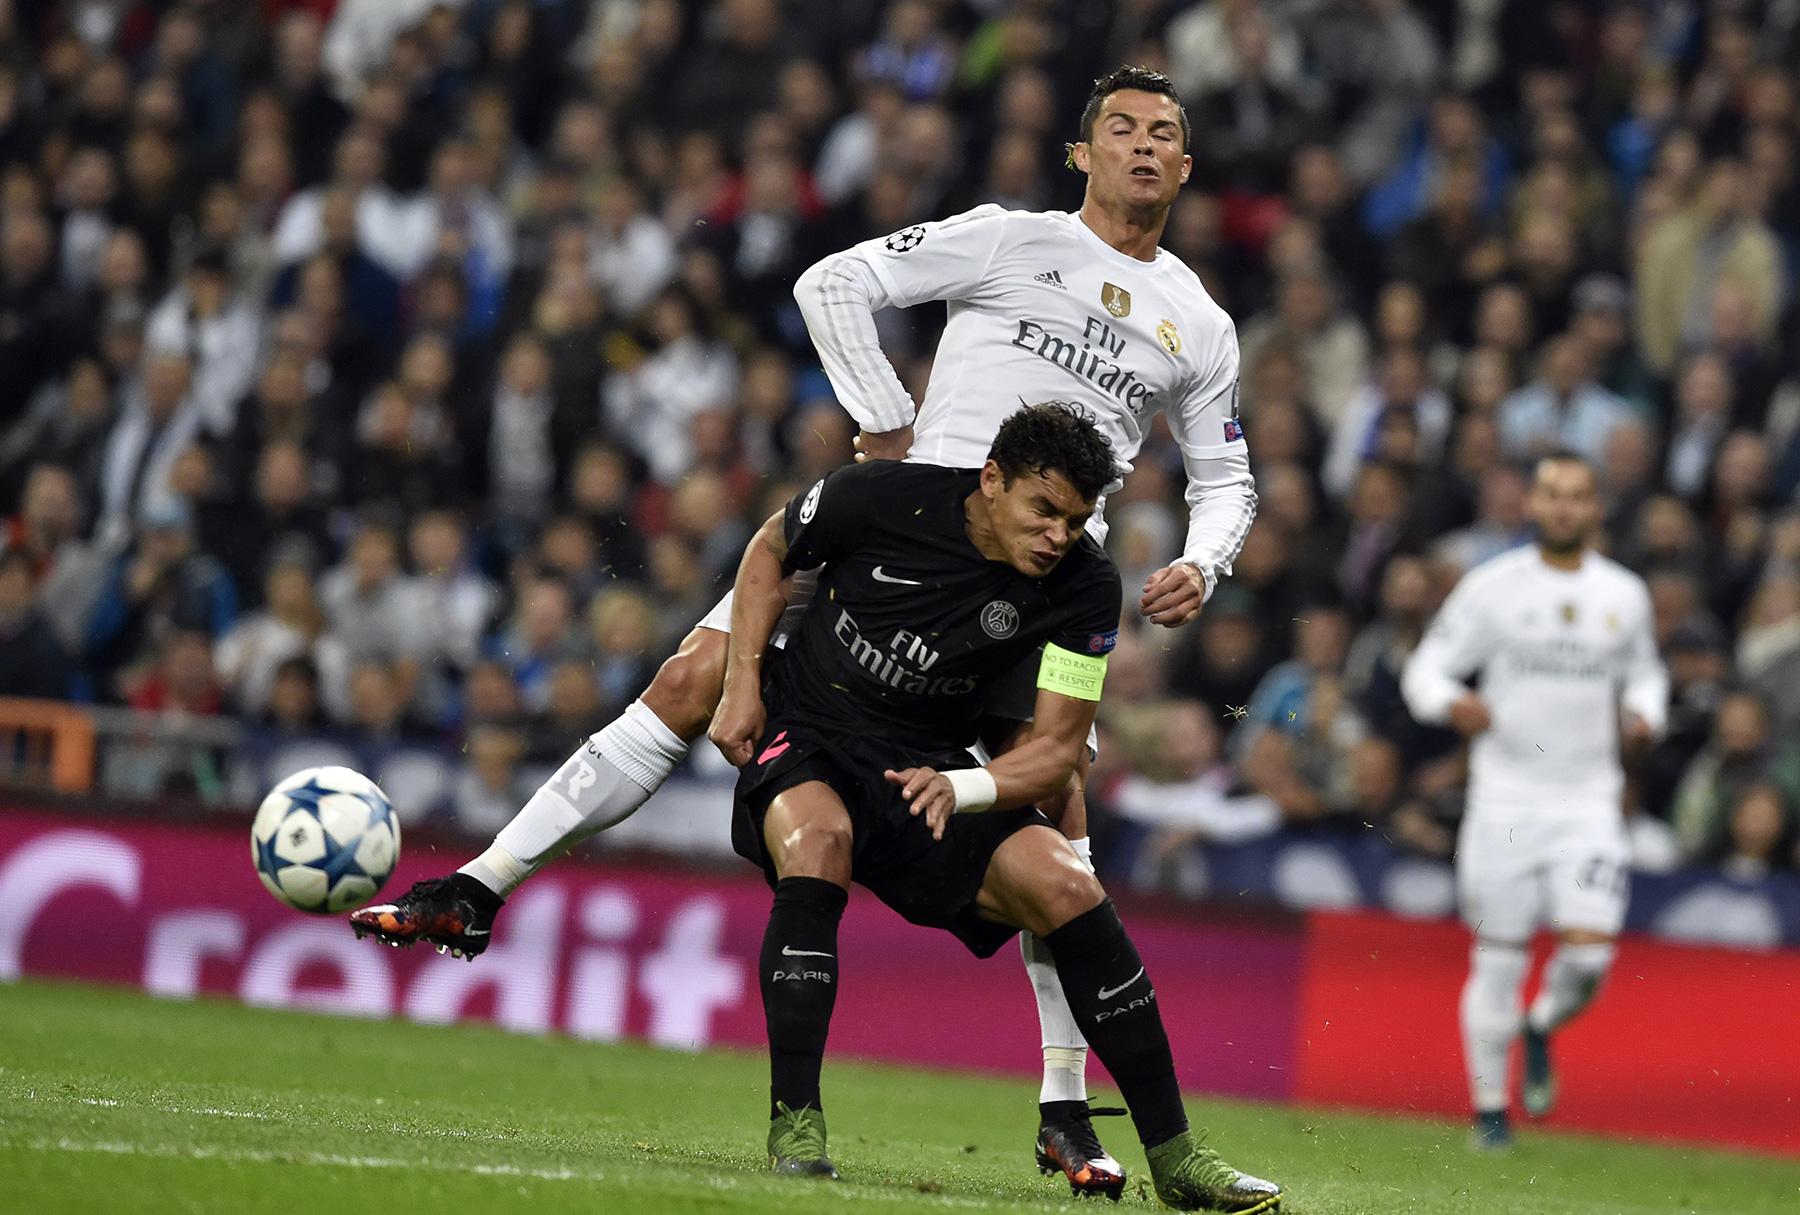 Ronaldo sẽ tái ngộ Thiago Silva trong trận cầu đáng xem nhất mùa tết. Ảnh: PSG Talk